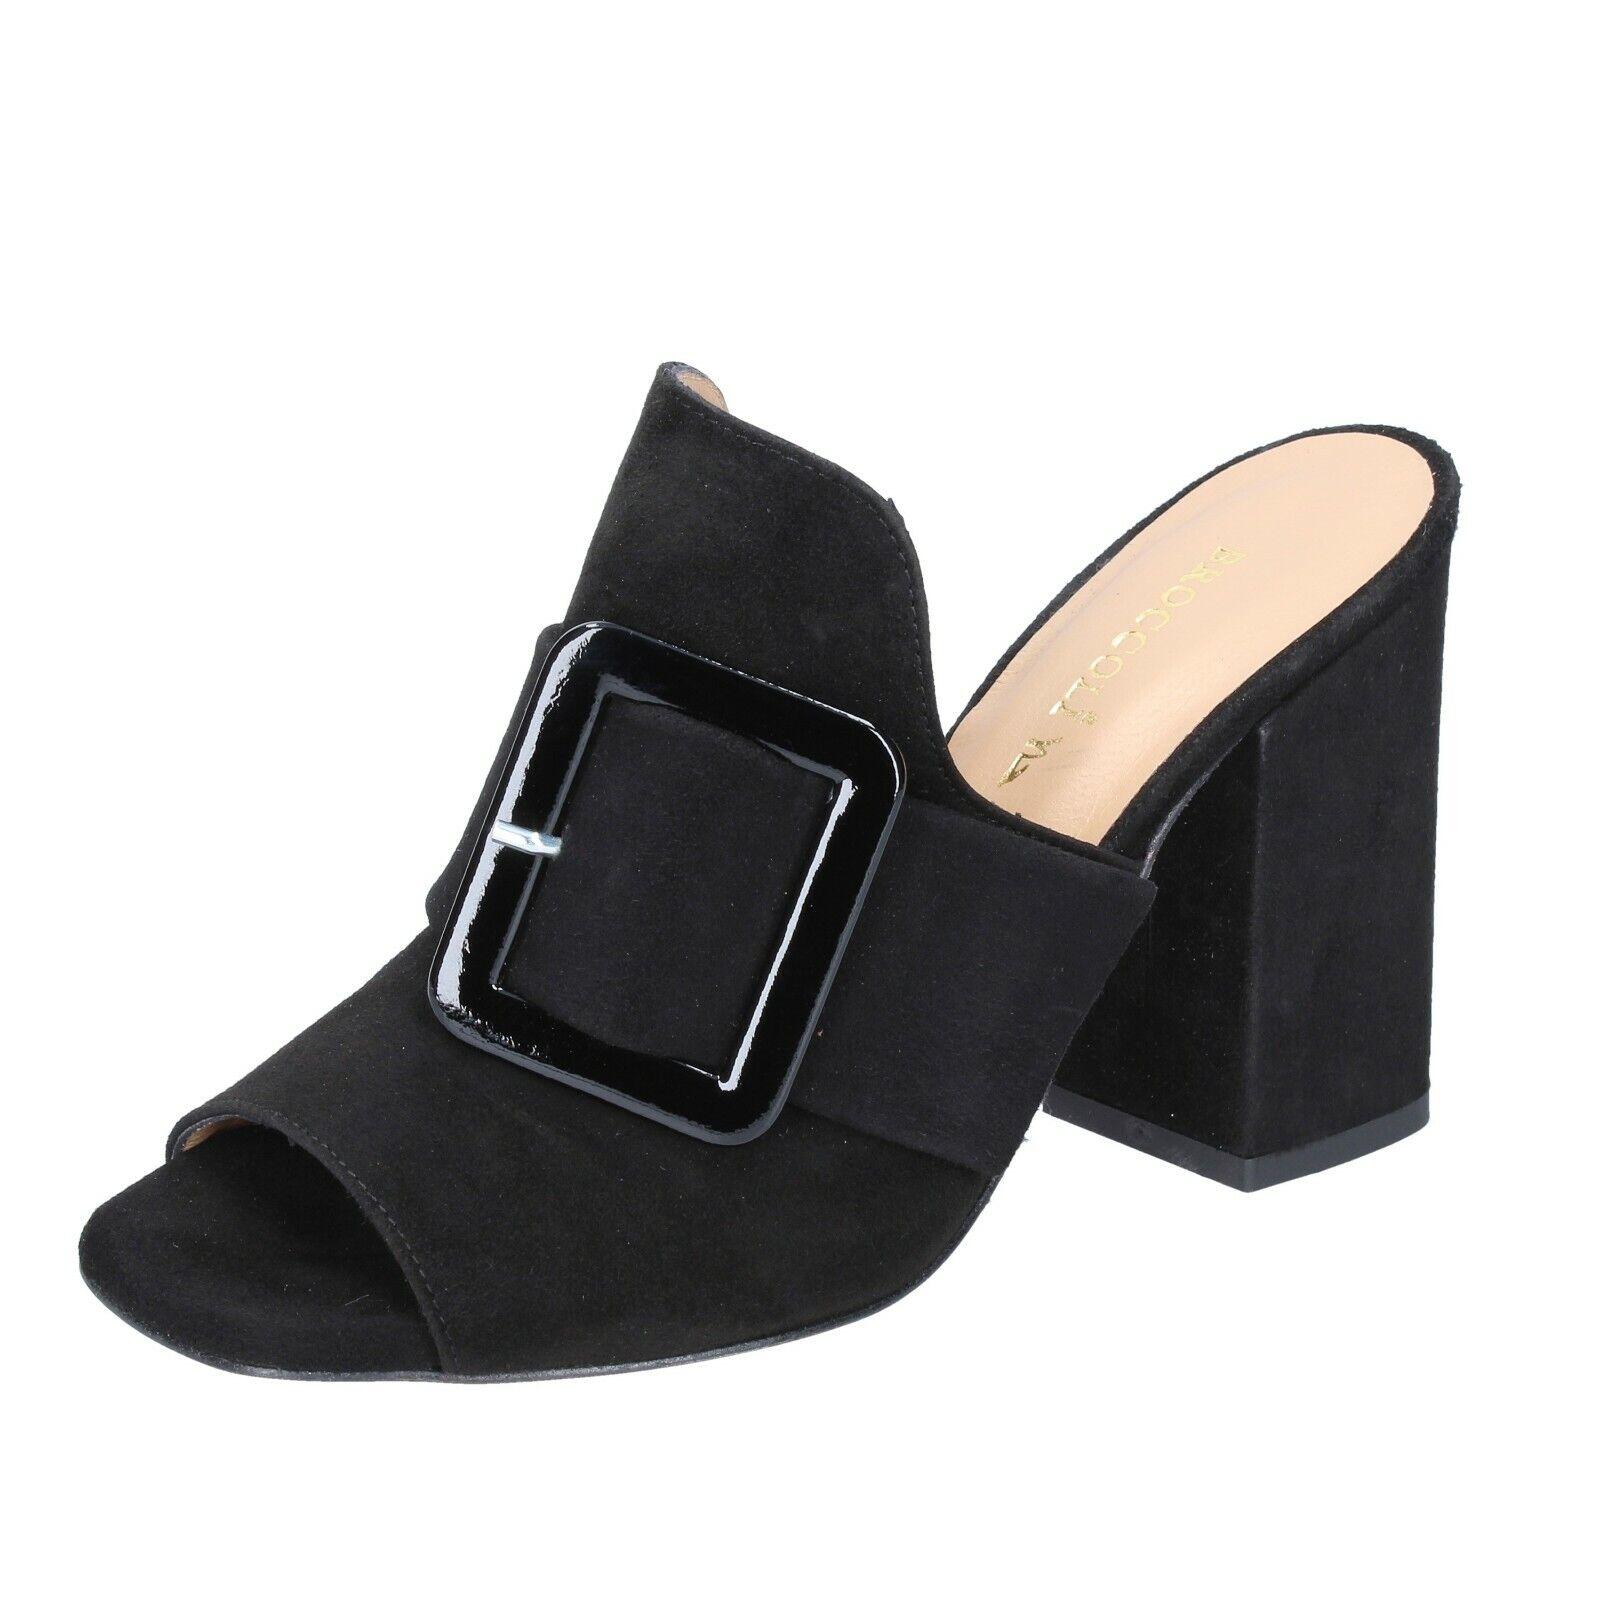 Damen schuhe BROCCOLI 36 EU sandalen schwarz wildleder BP304-36